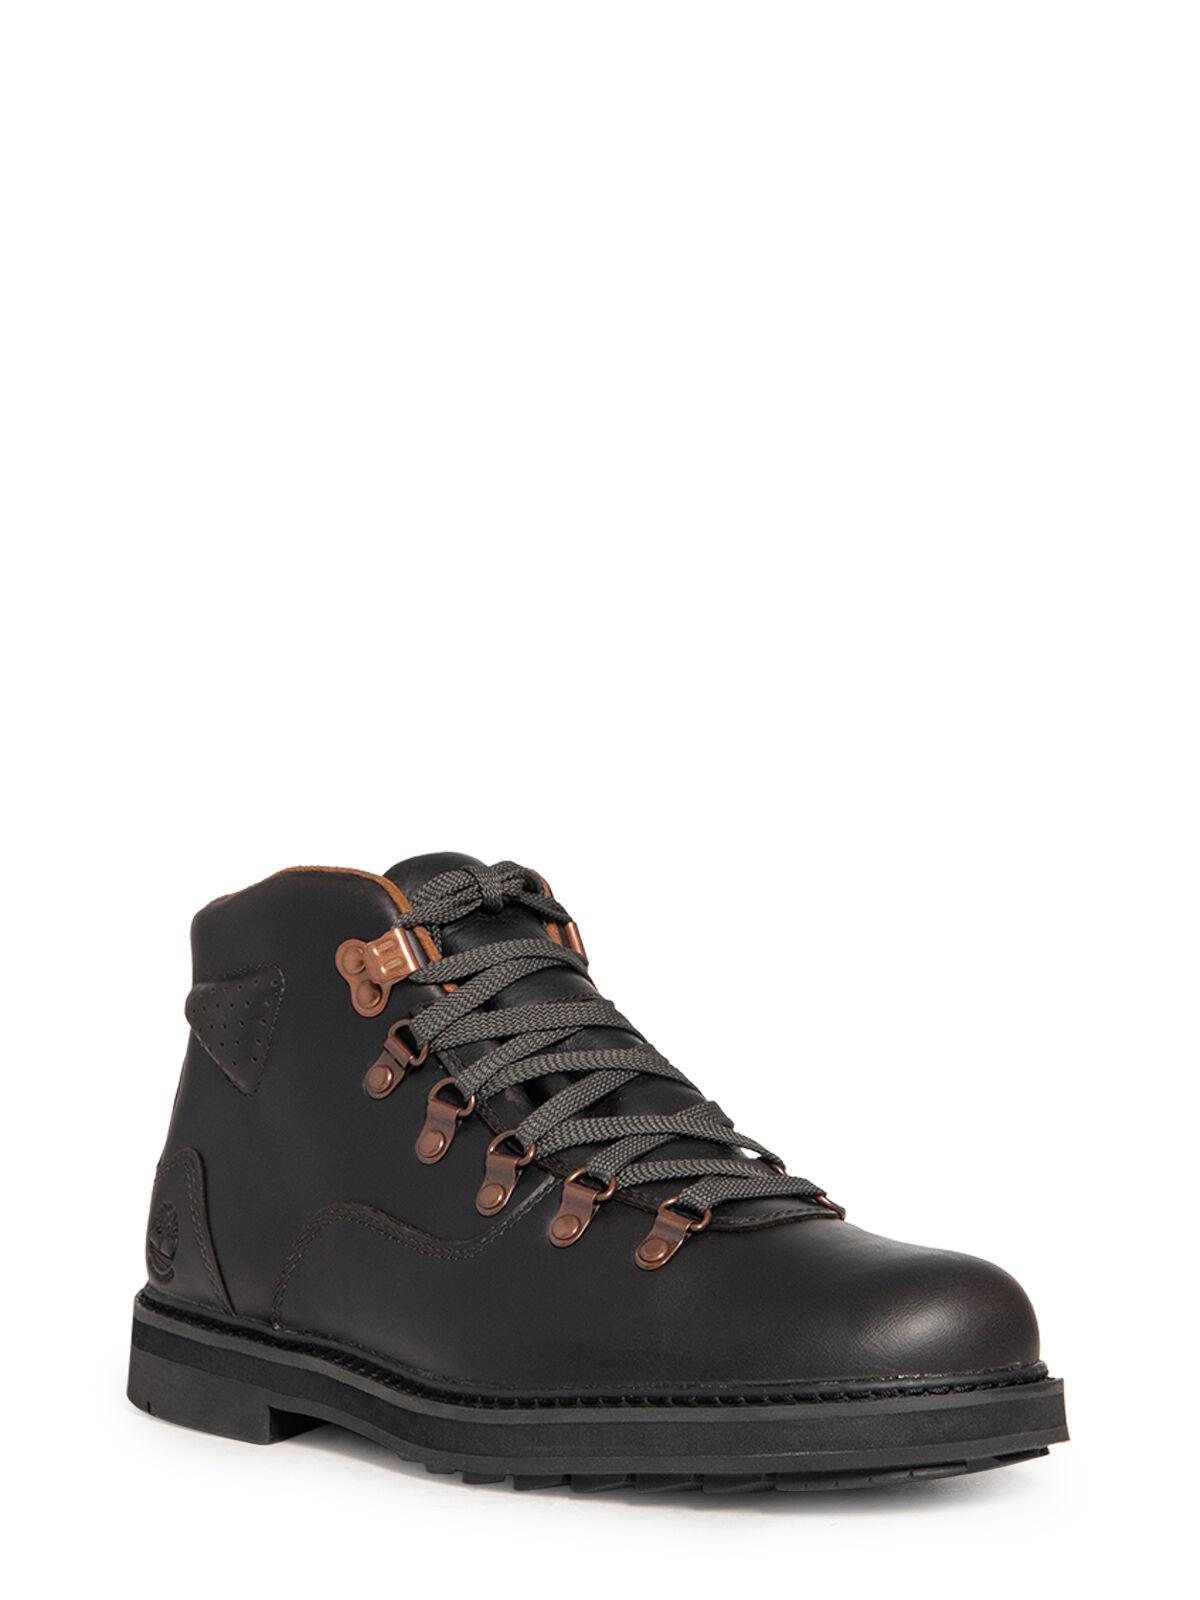 Timberland Boots Mid Hiker dunkelbraun